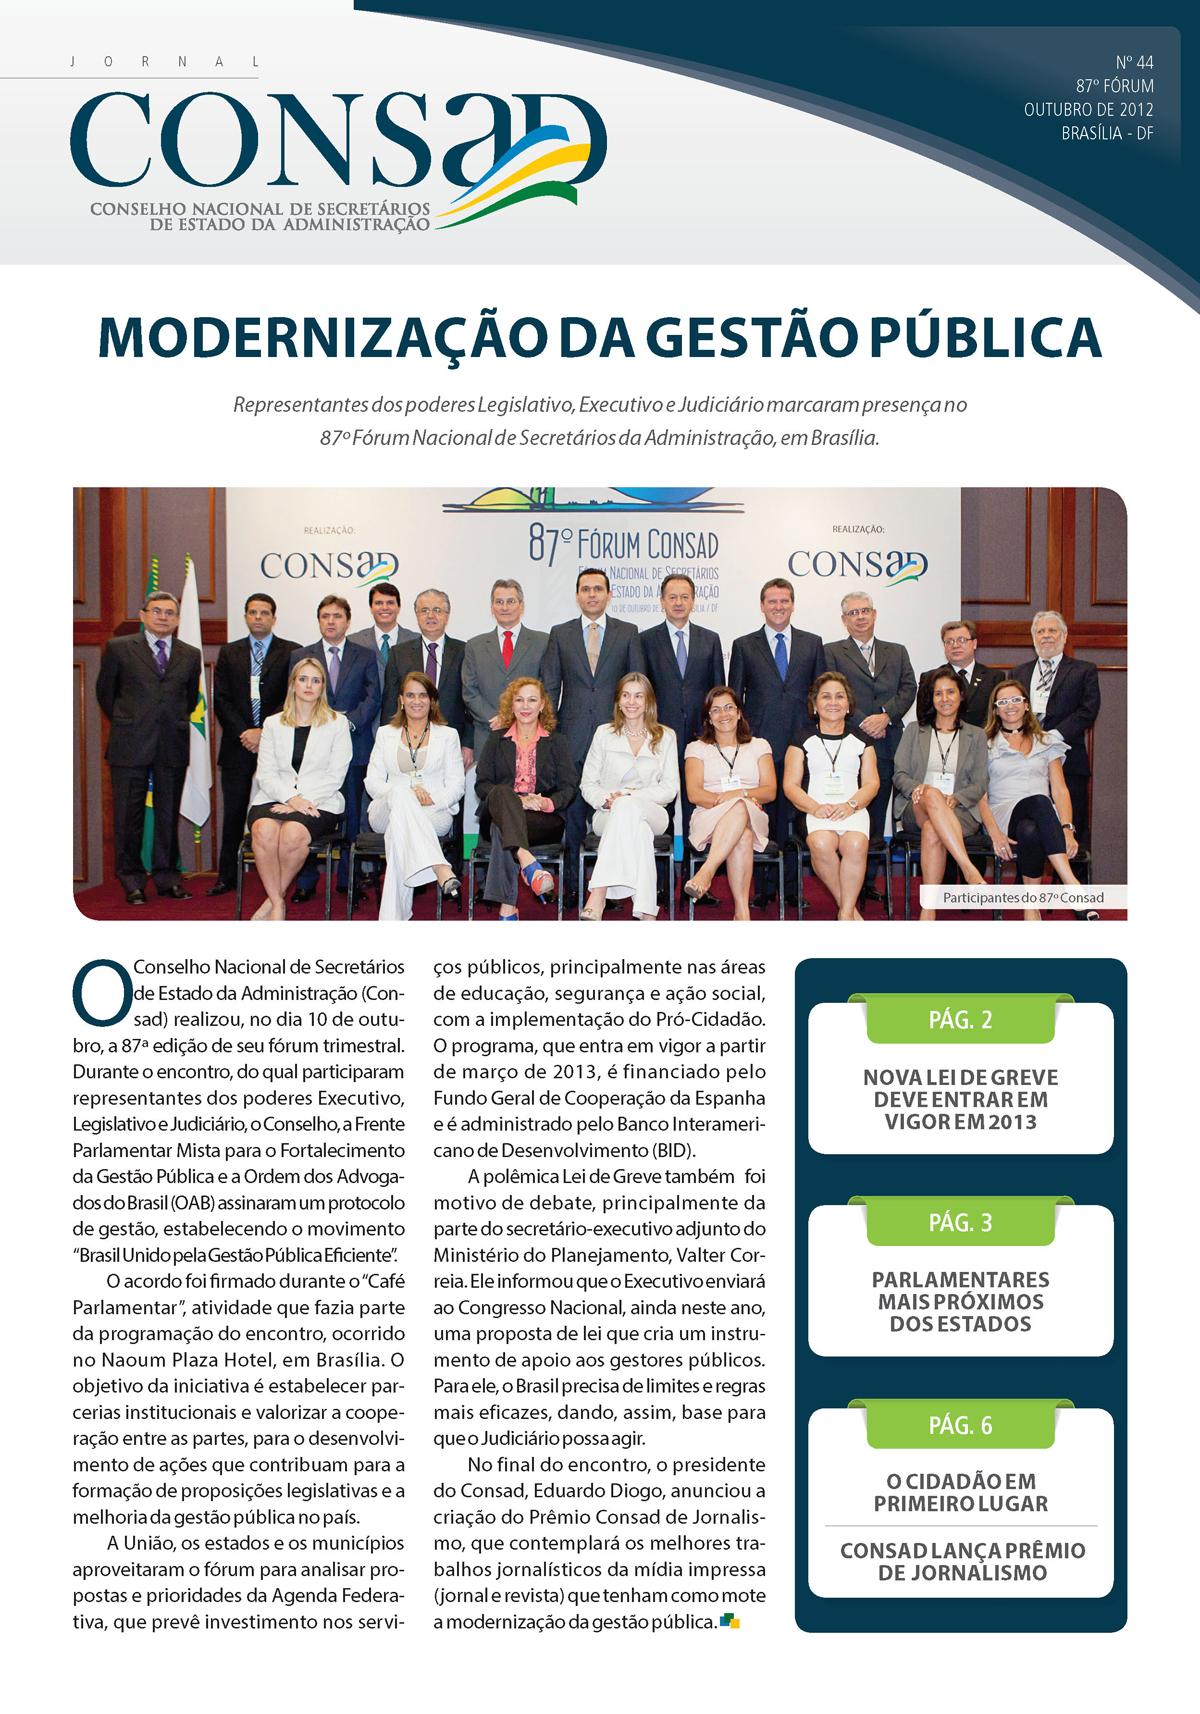 Jornal do Consad Número 44 – Outubro de 2012